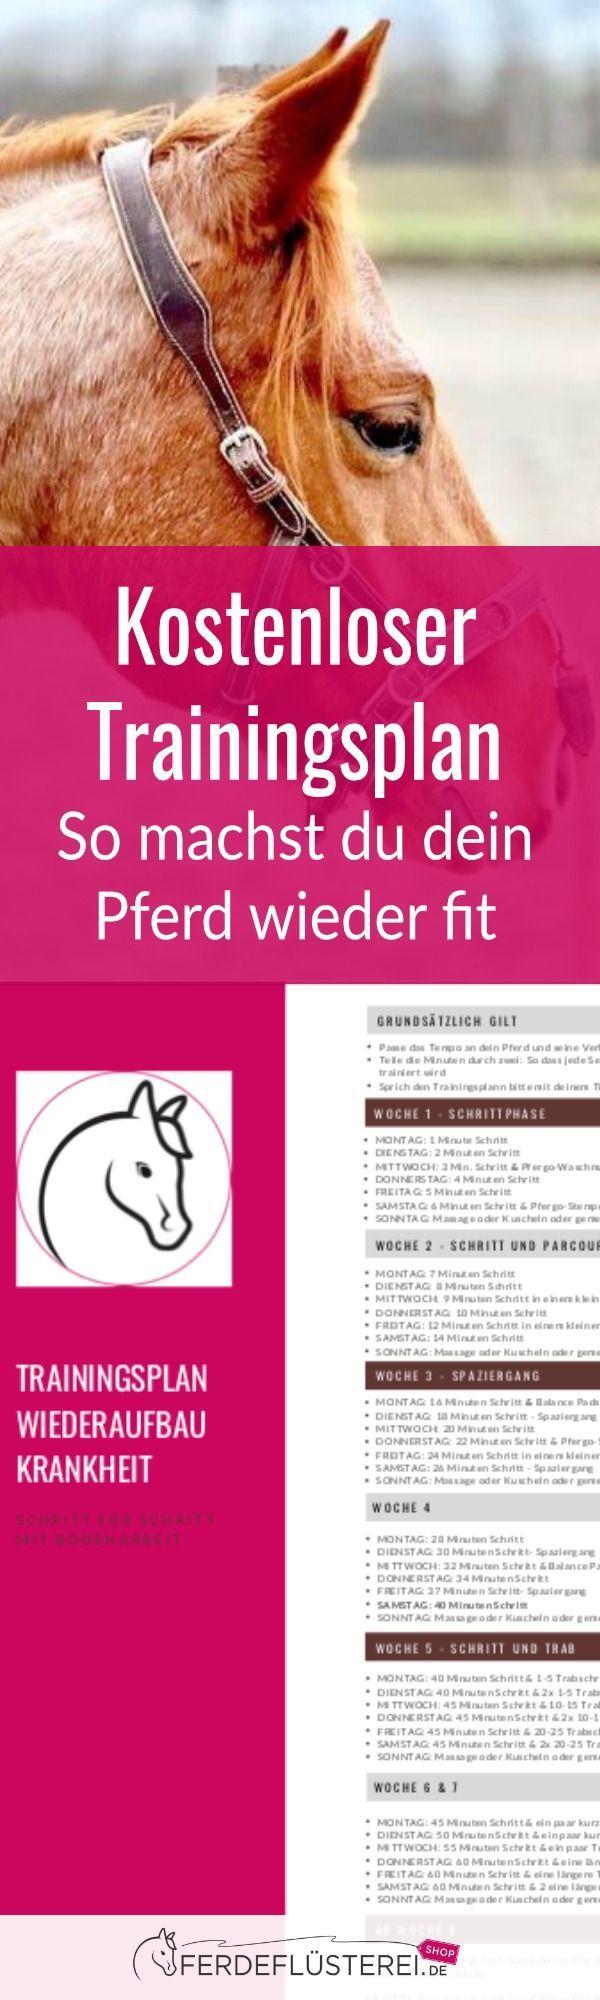 Trainingsplan nach der Pause! So machst du dein Pferd wieder fit